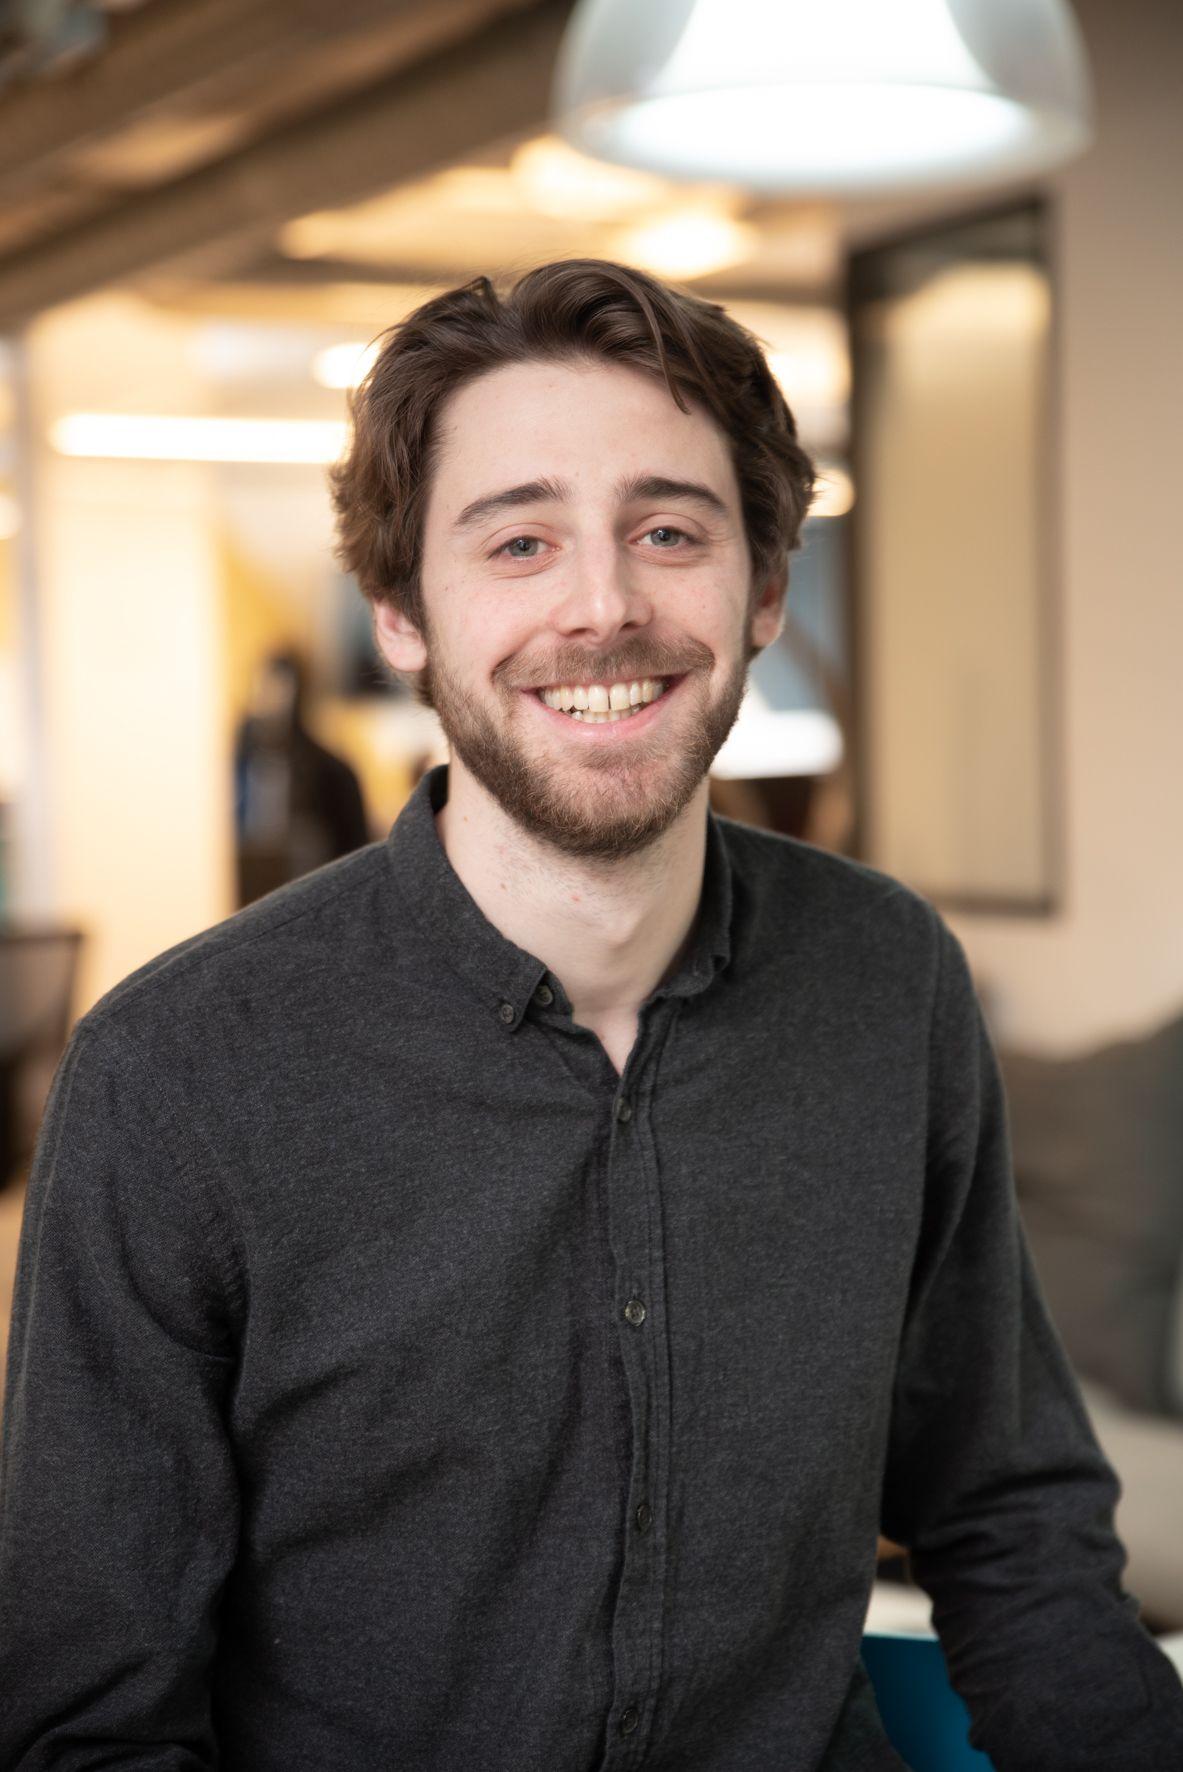 Meet Barthélémy - Co-fondateur de Loumi